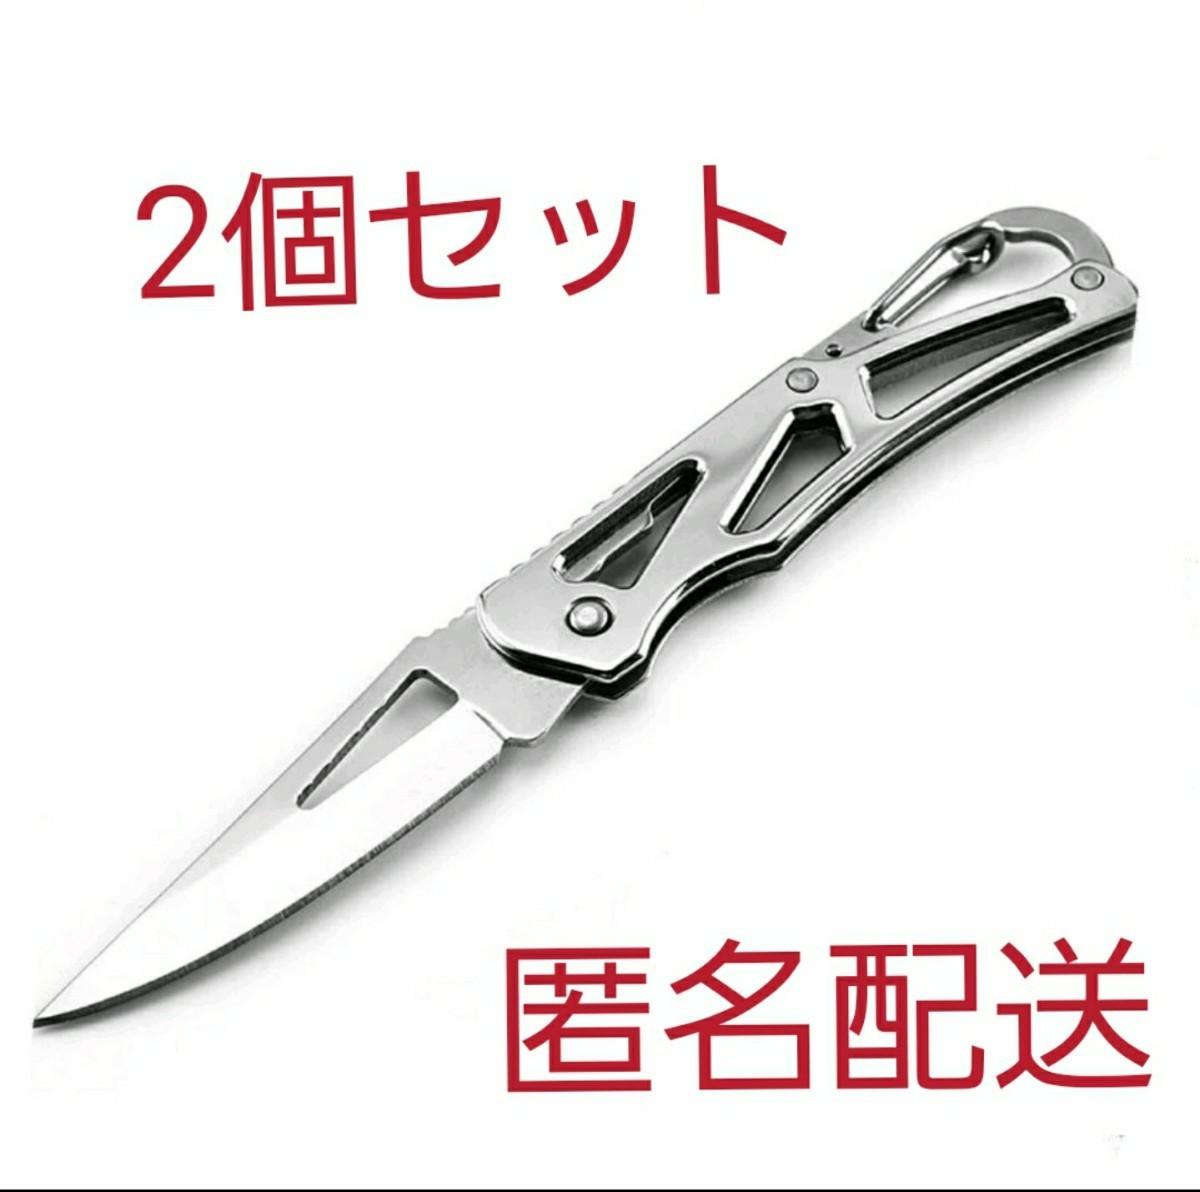 ナイフ 折り畳み 釣り アウトドア キャンプ バーベキュー